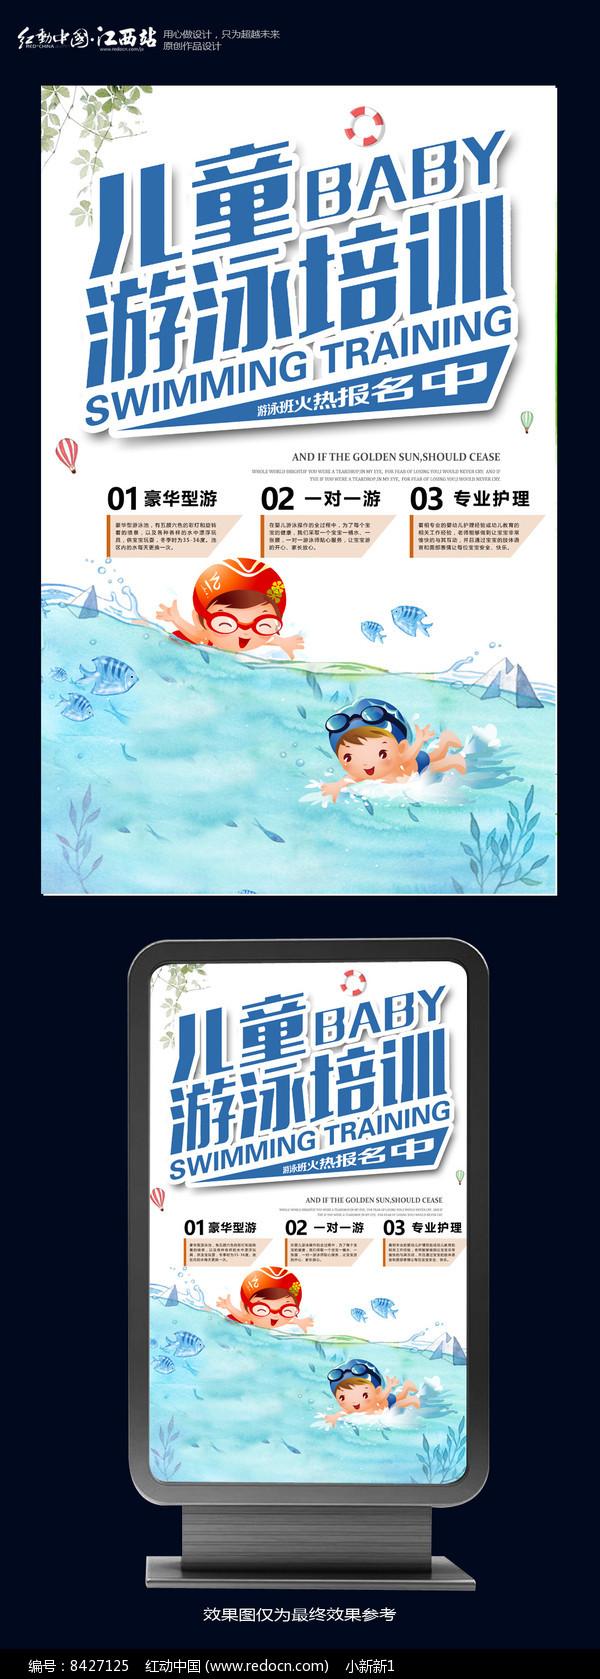 儿童游泳培训招生海报设计图片